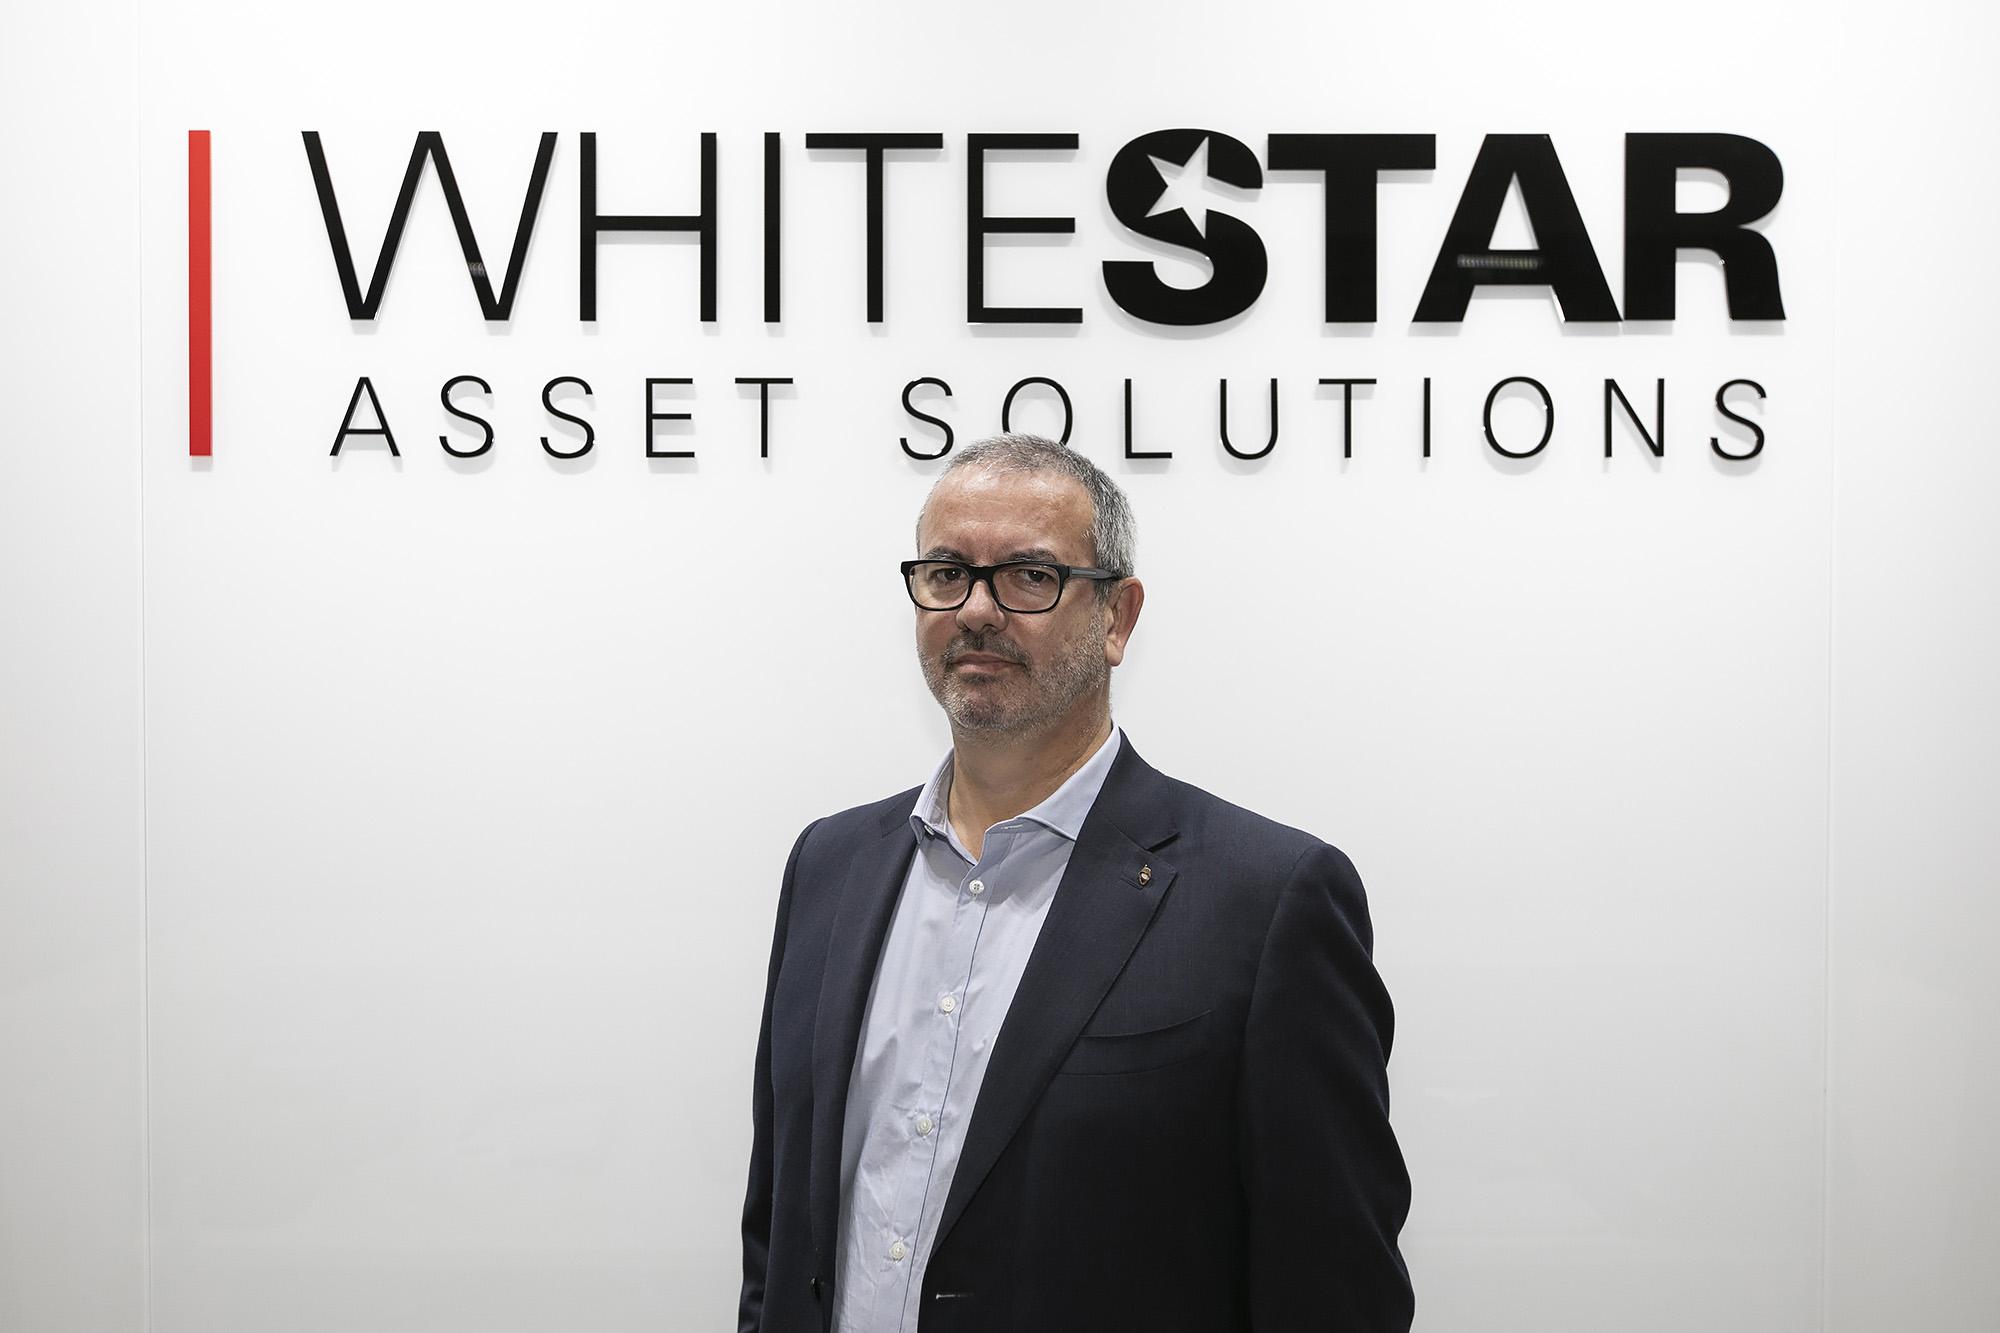 João Bugalho, CEO da Whitestar, em entrevista ao ECO - 05FEV19